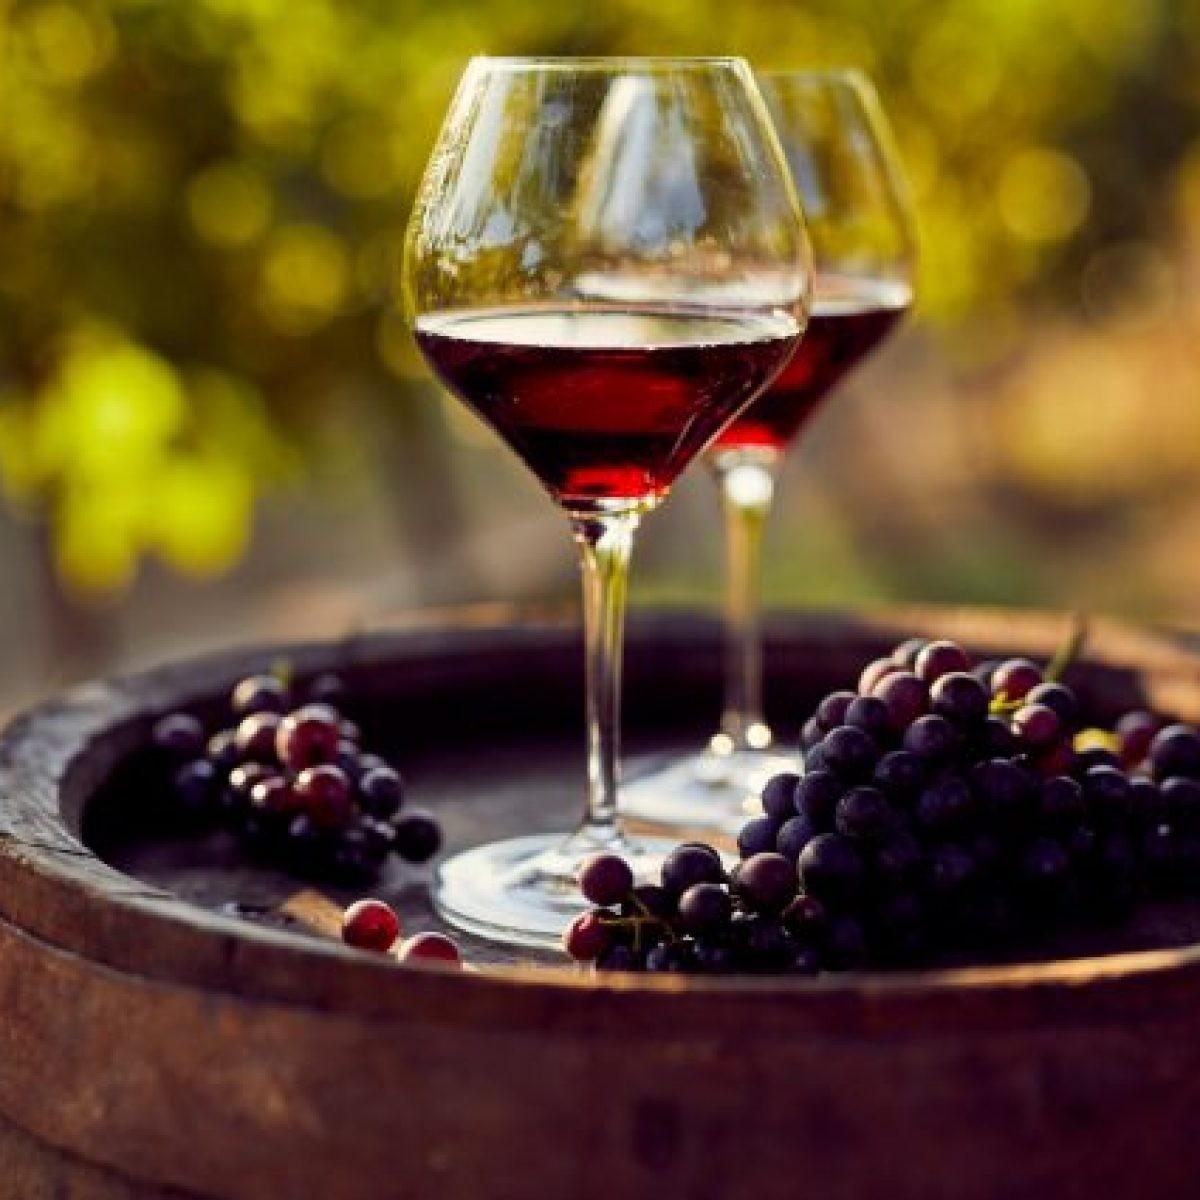 Nuova validità! A Sestri Levante! Degustazione di vino con tagliere di formaggio e salumi e visita alla cantina per 2  persone alla Cantina degli Abissi